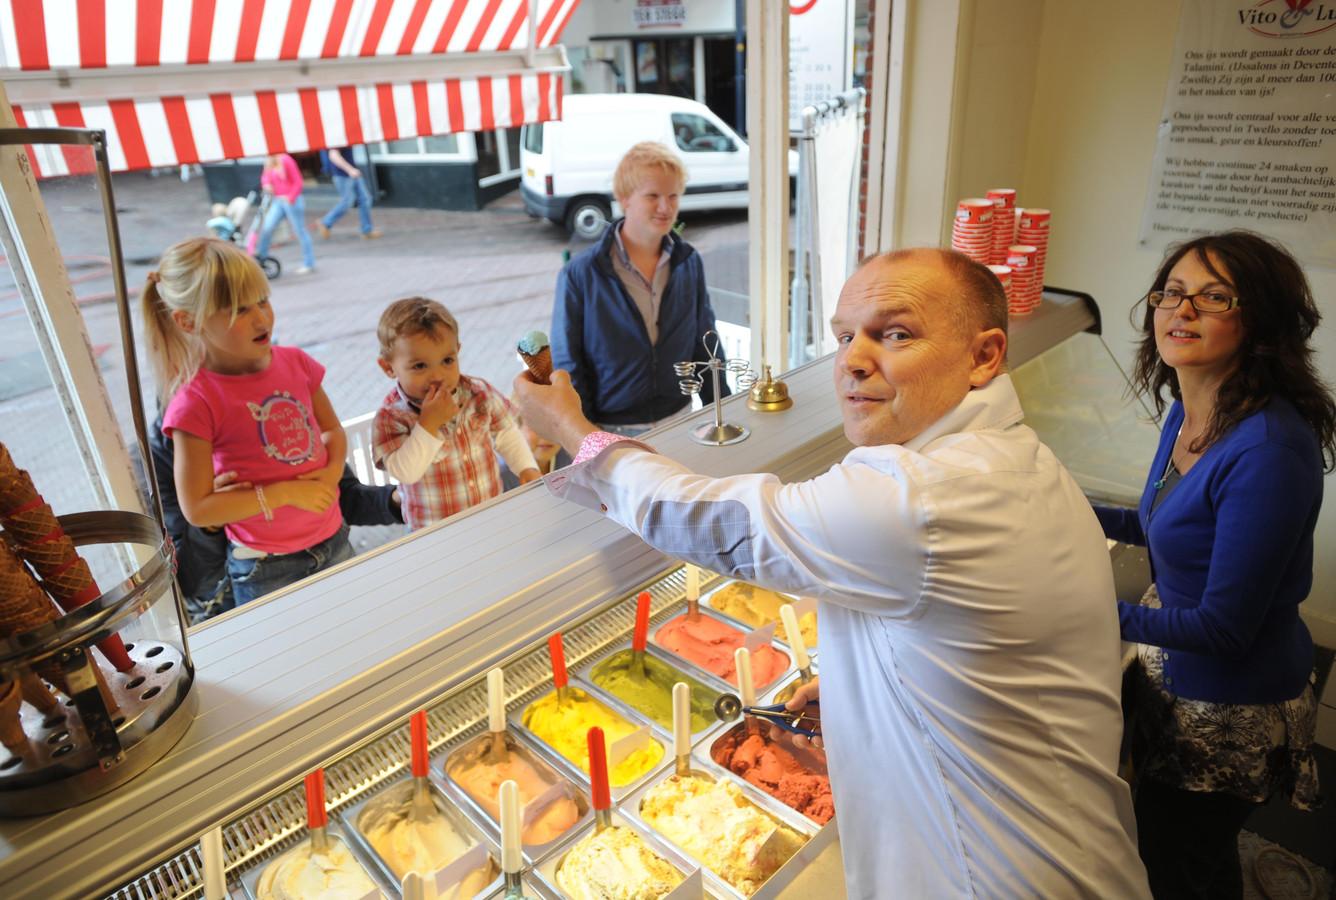 Vito & Luca, jaren geleden ijssalon op de Groote Markt in Oldenzaal.